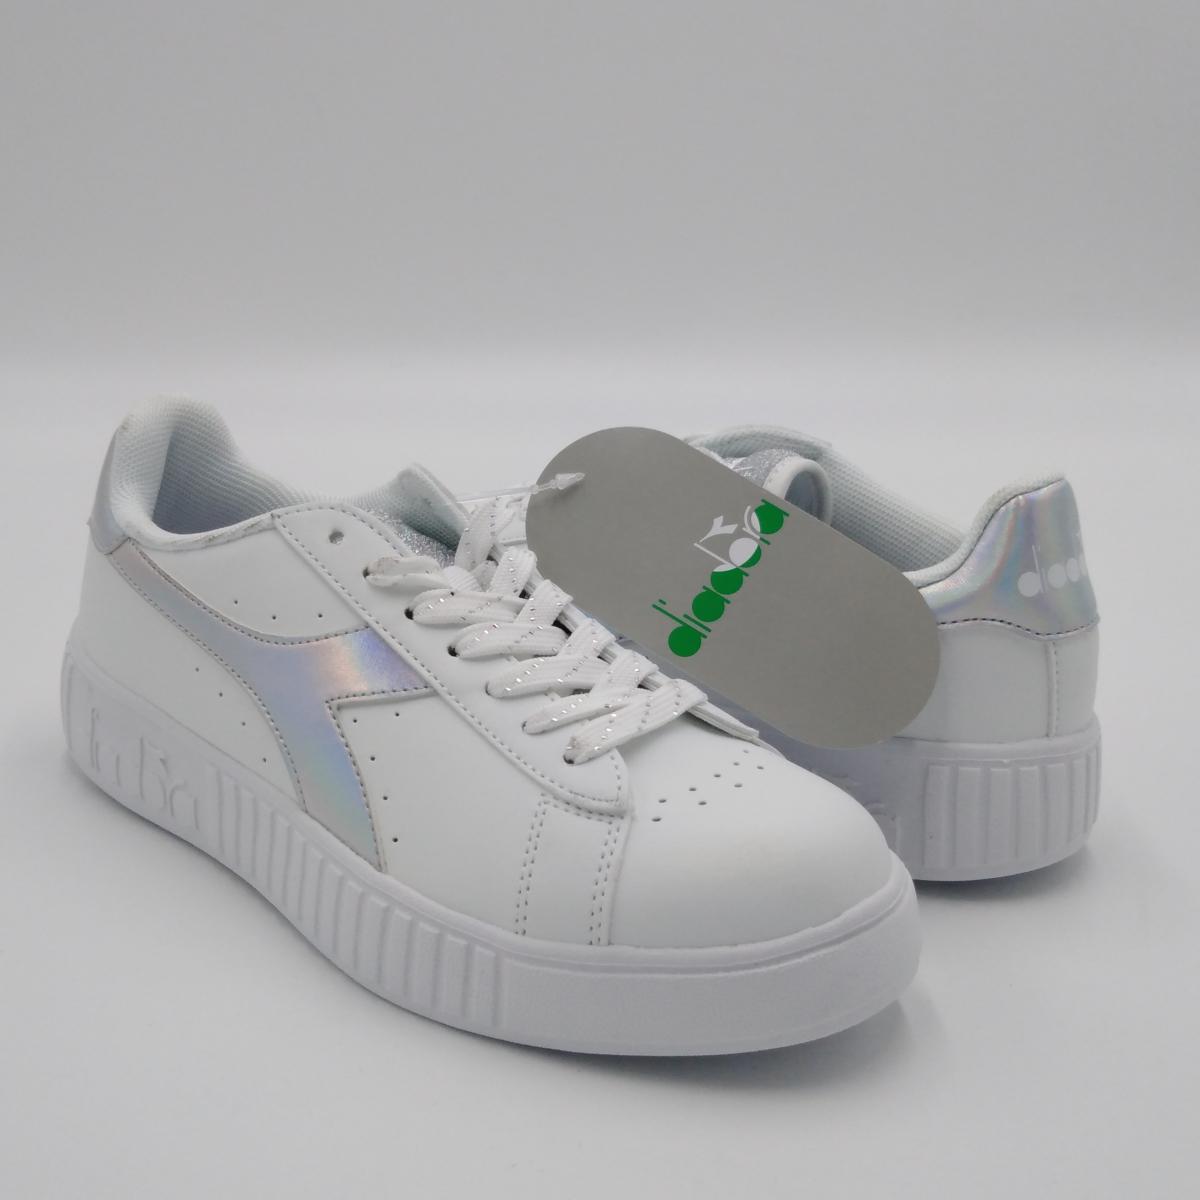 Diadora Game Step Shiny, bianca e argento,suola platform in gomma,